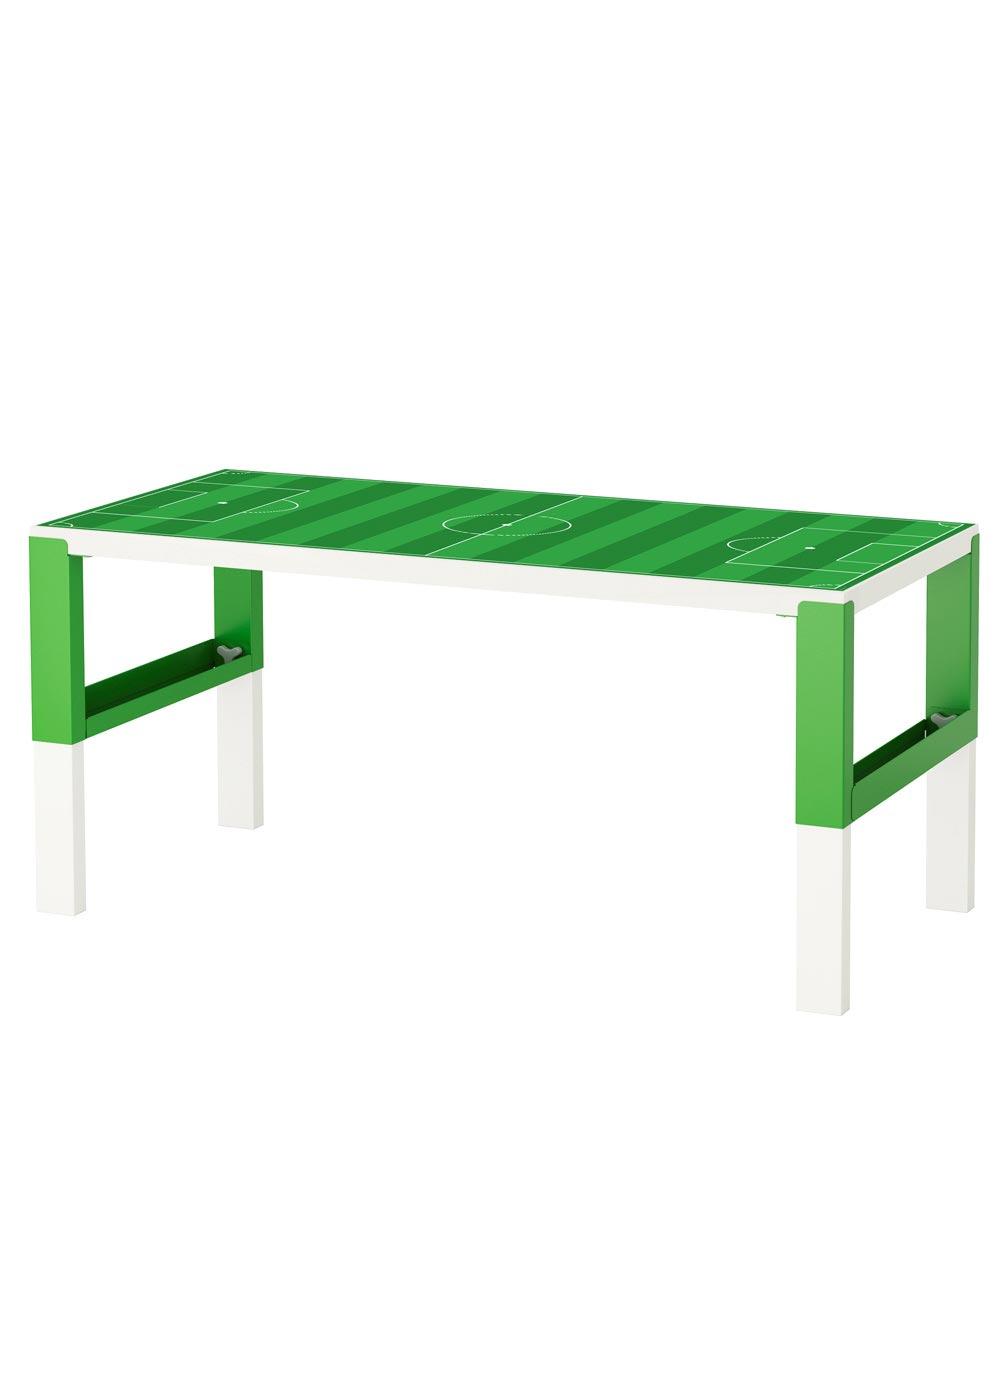 Ikea Pahl Kinderschreibtisch Fussballfeld grün